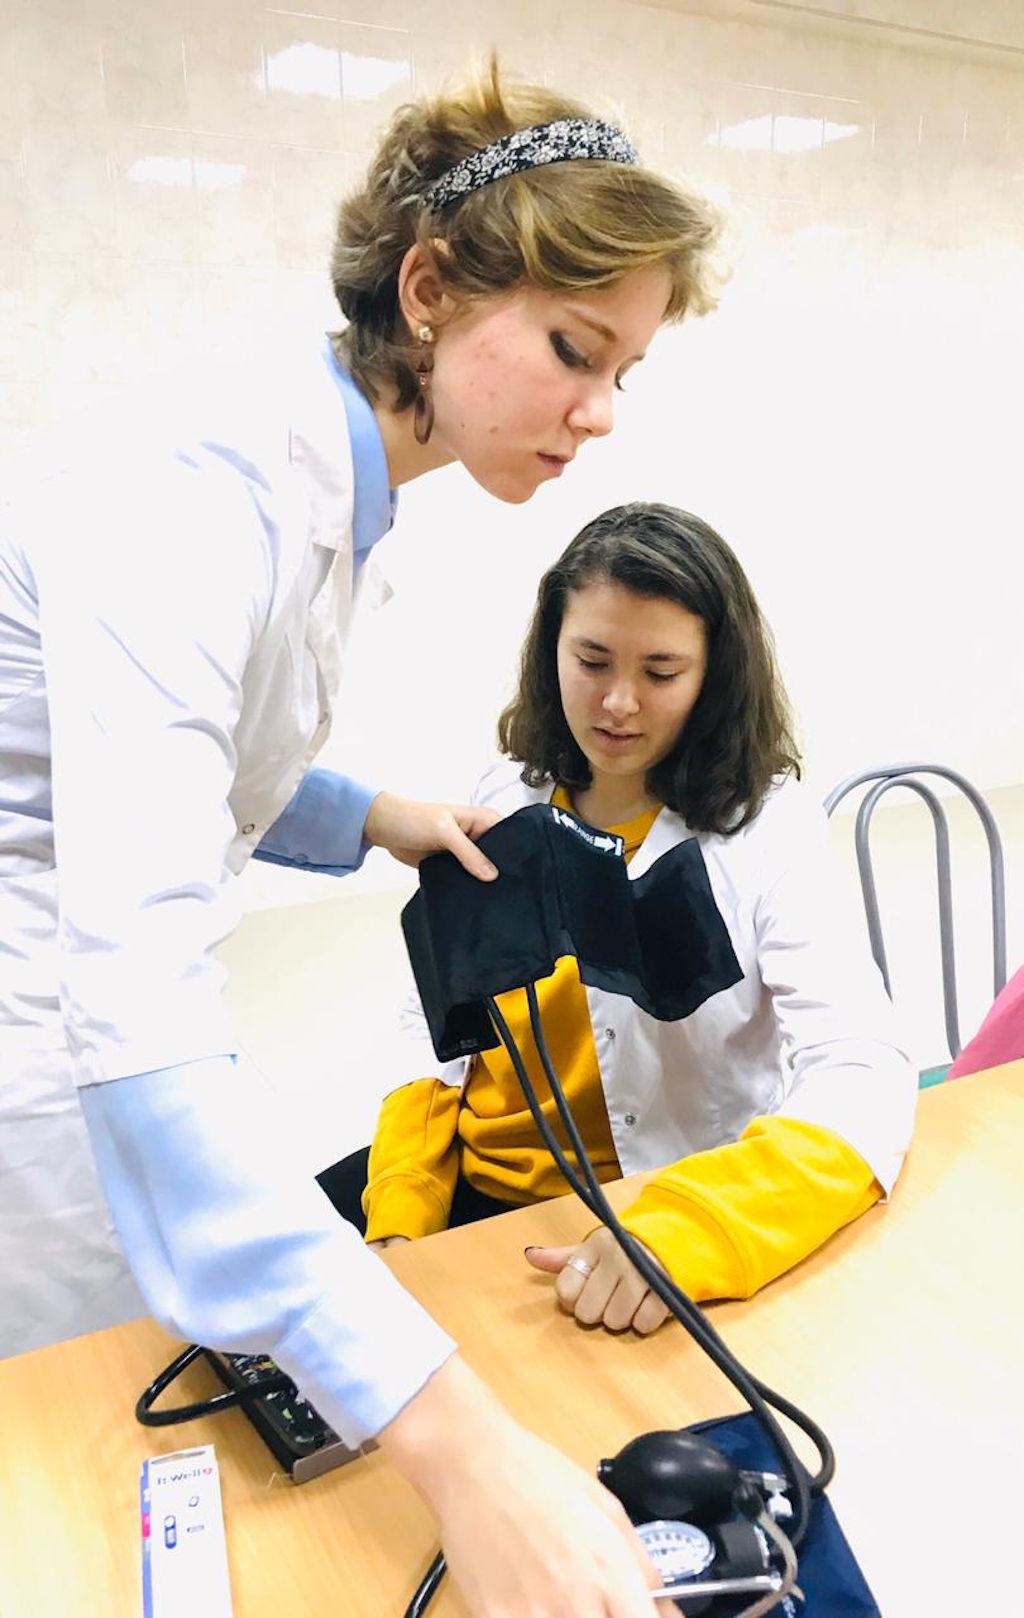 В нашей больнице продолжается ежегодный проект «Медицинский класс в московской школе», учреждённый Правительством Москвы. 5 ноября состоялась встреча сотрудников больницы с учениками школы 1298 района Куркино.